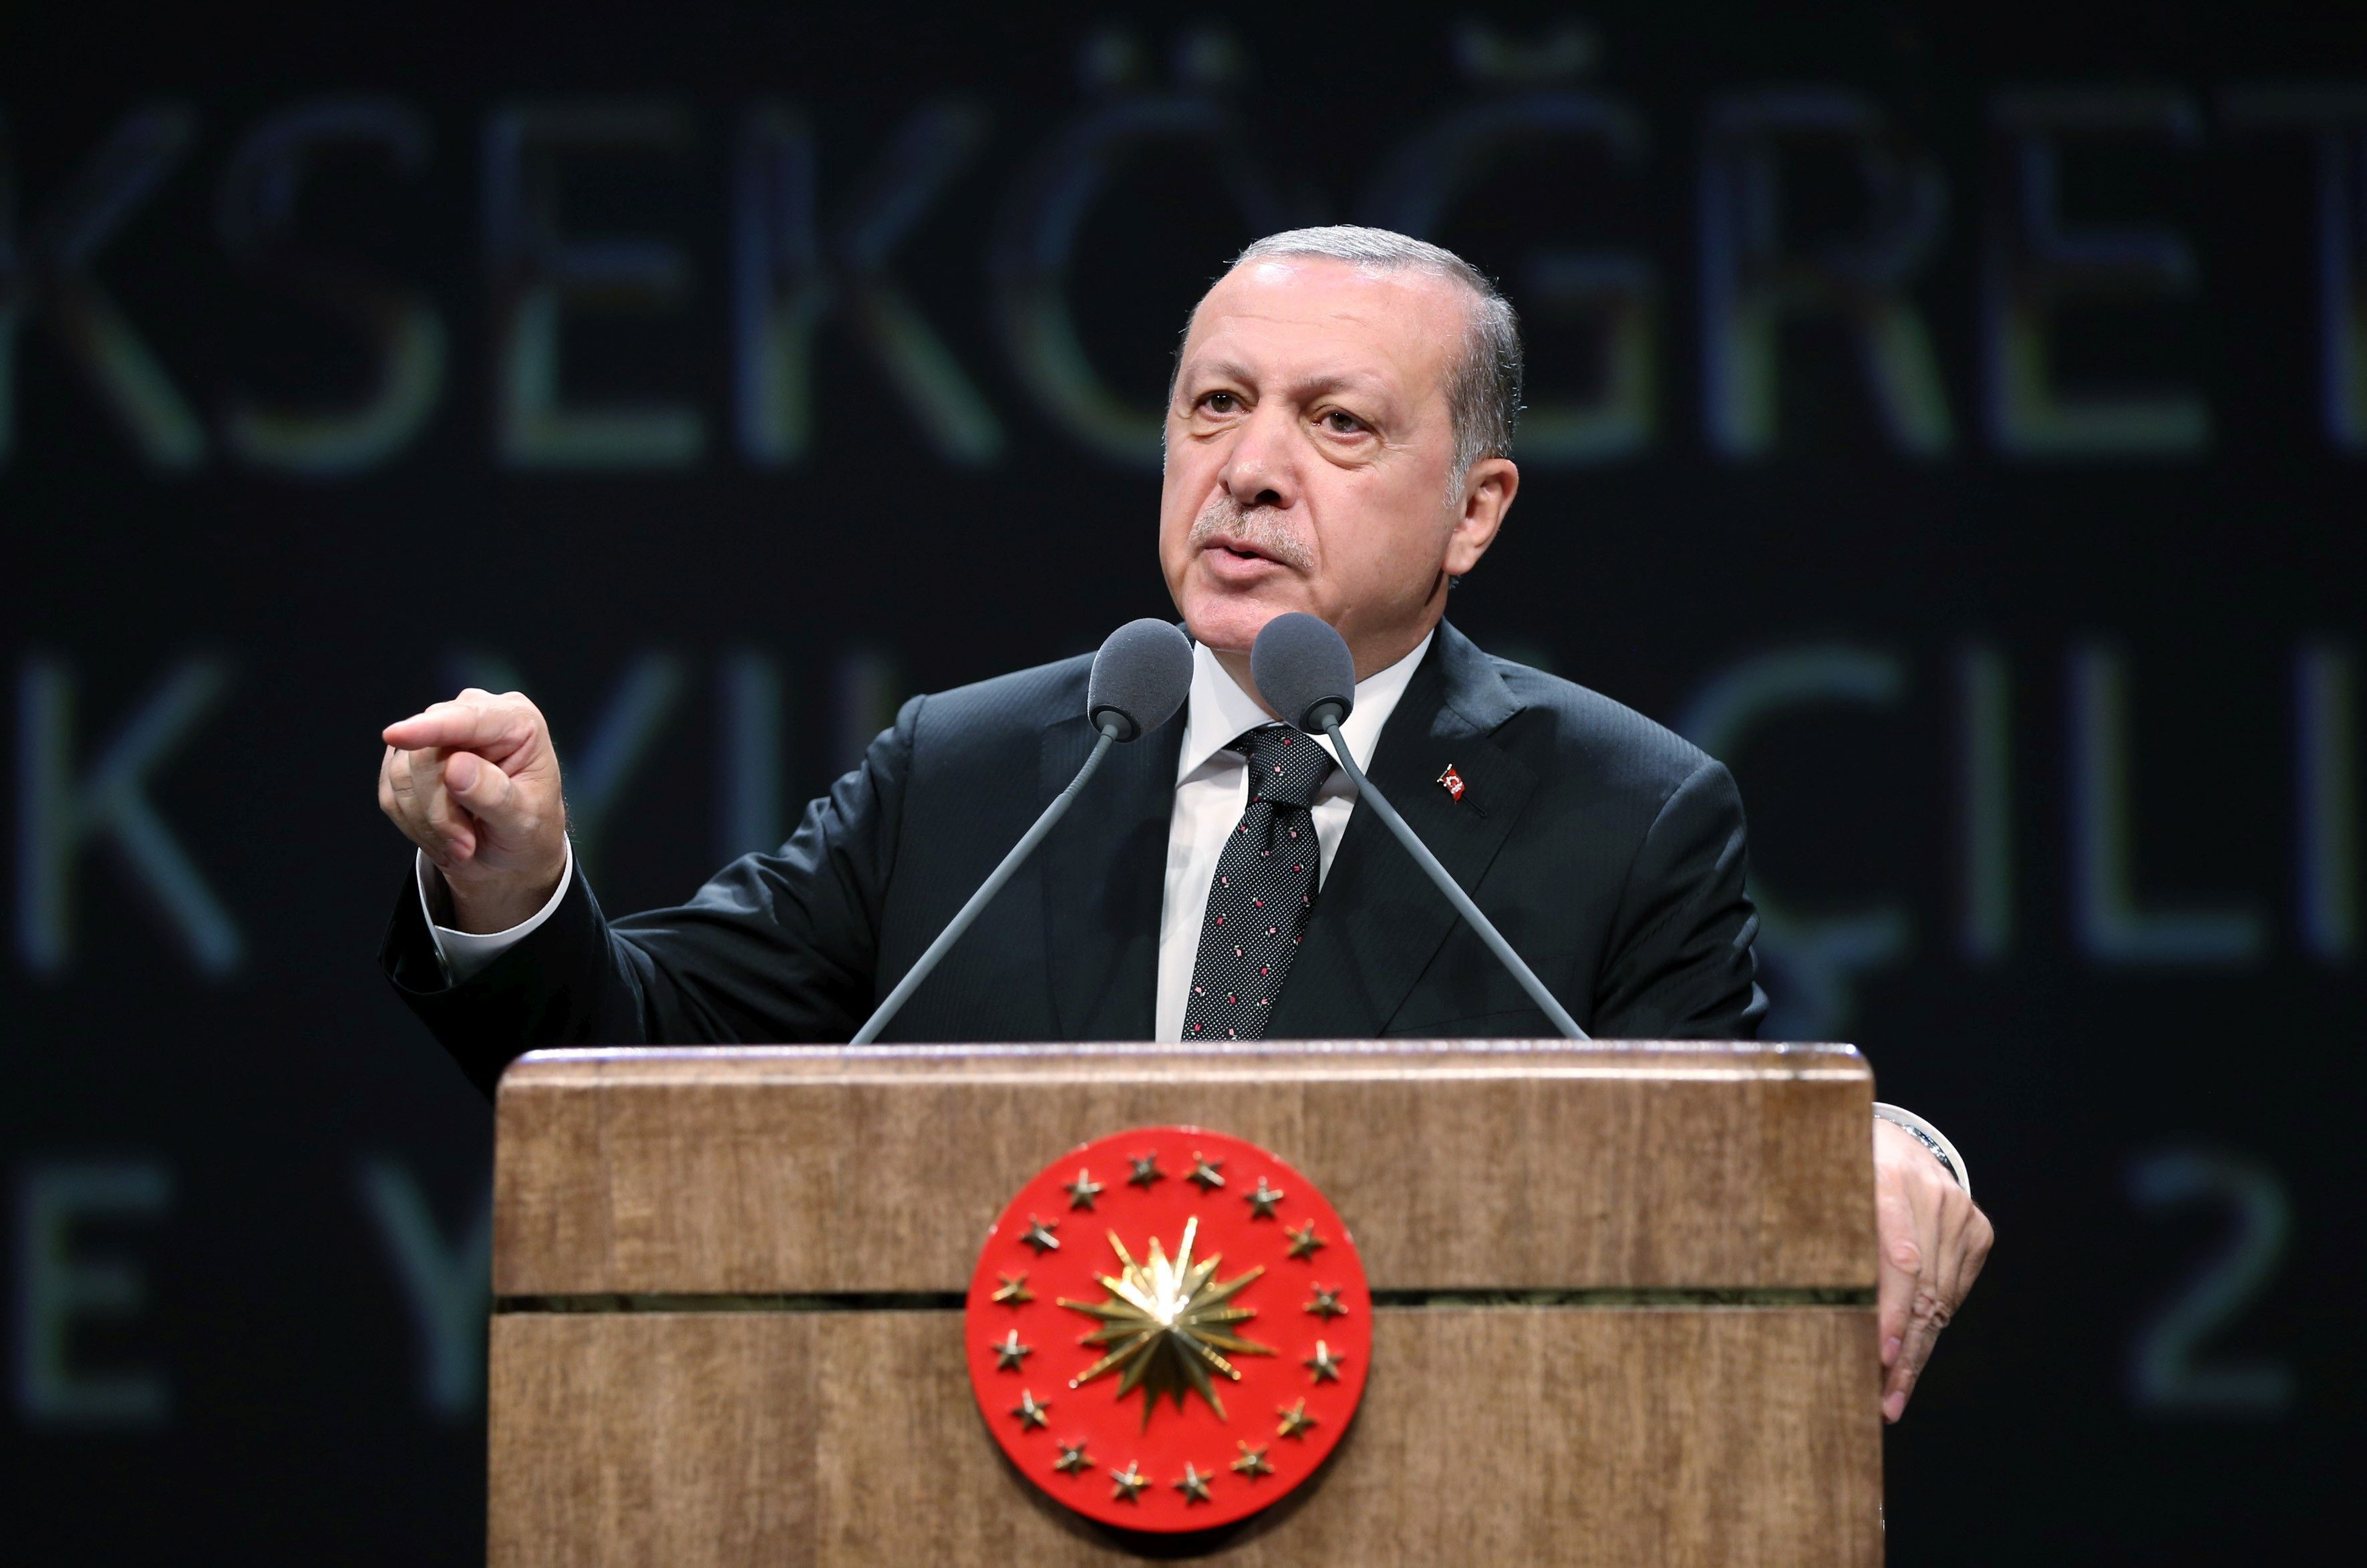 Ministerul de Externe din Siria: Erdogan `induce în eroare` poporul turc prin acuzaţii false